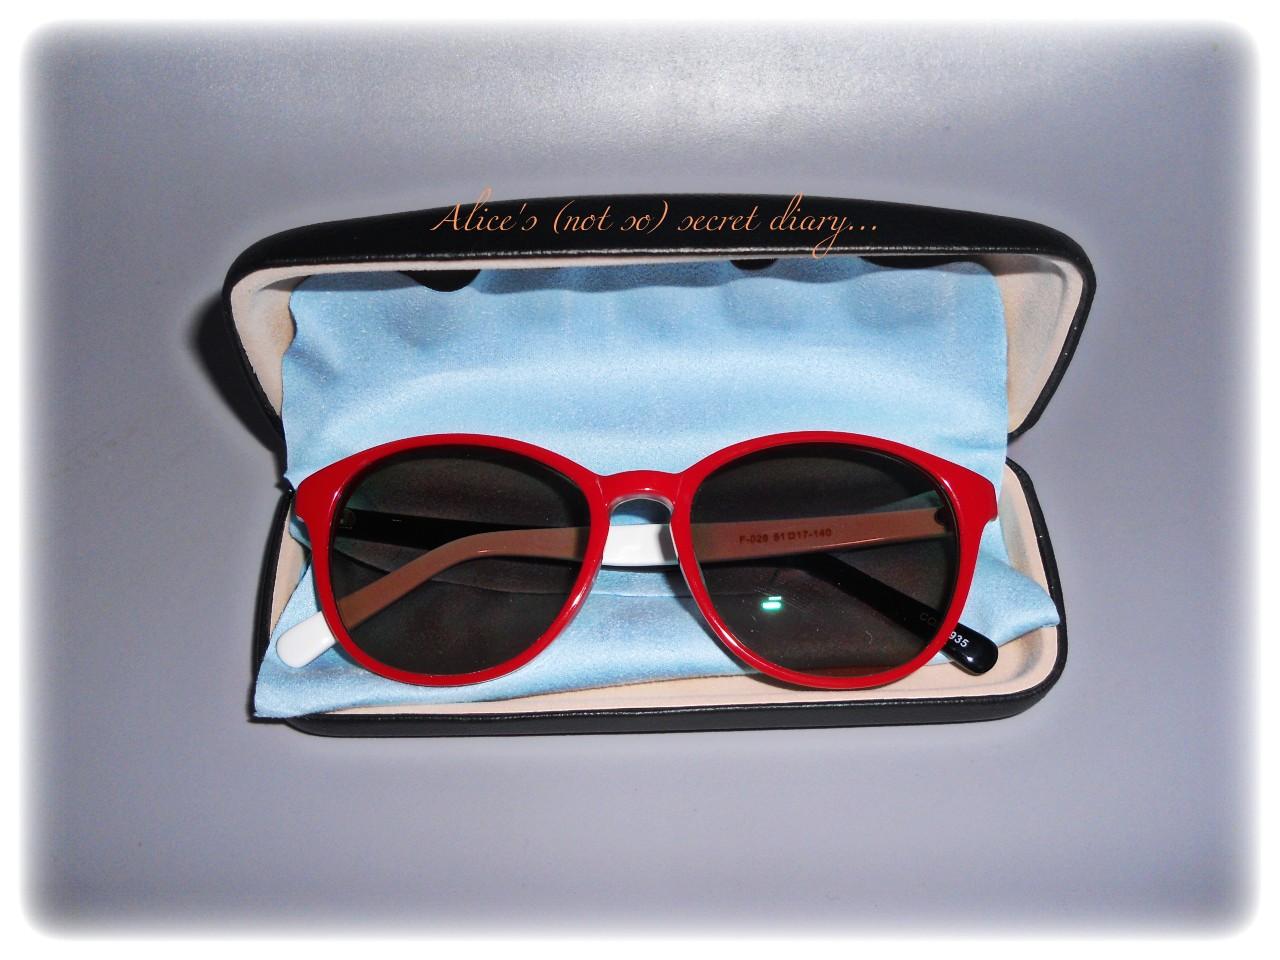 Occhiali con lenti colorate - Occhiali con lenti a specchio colorate ...